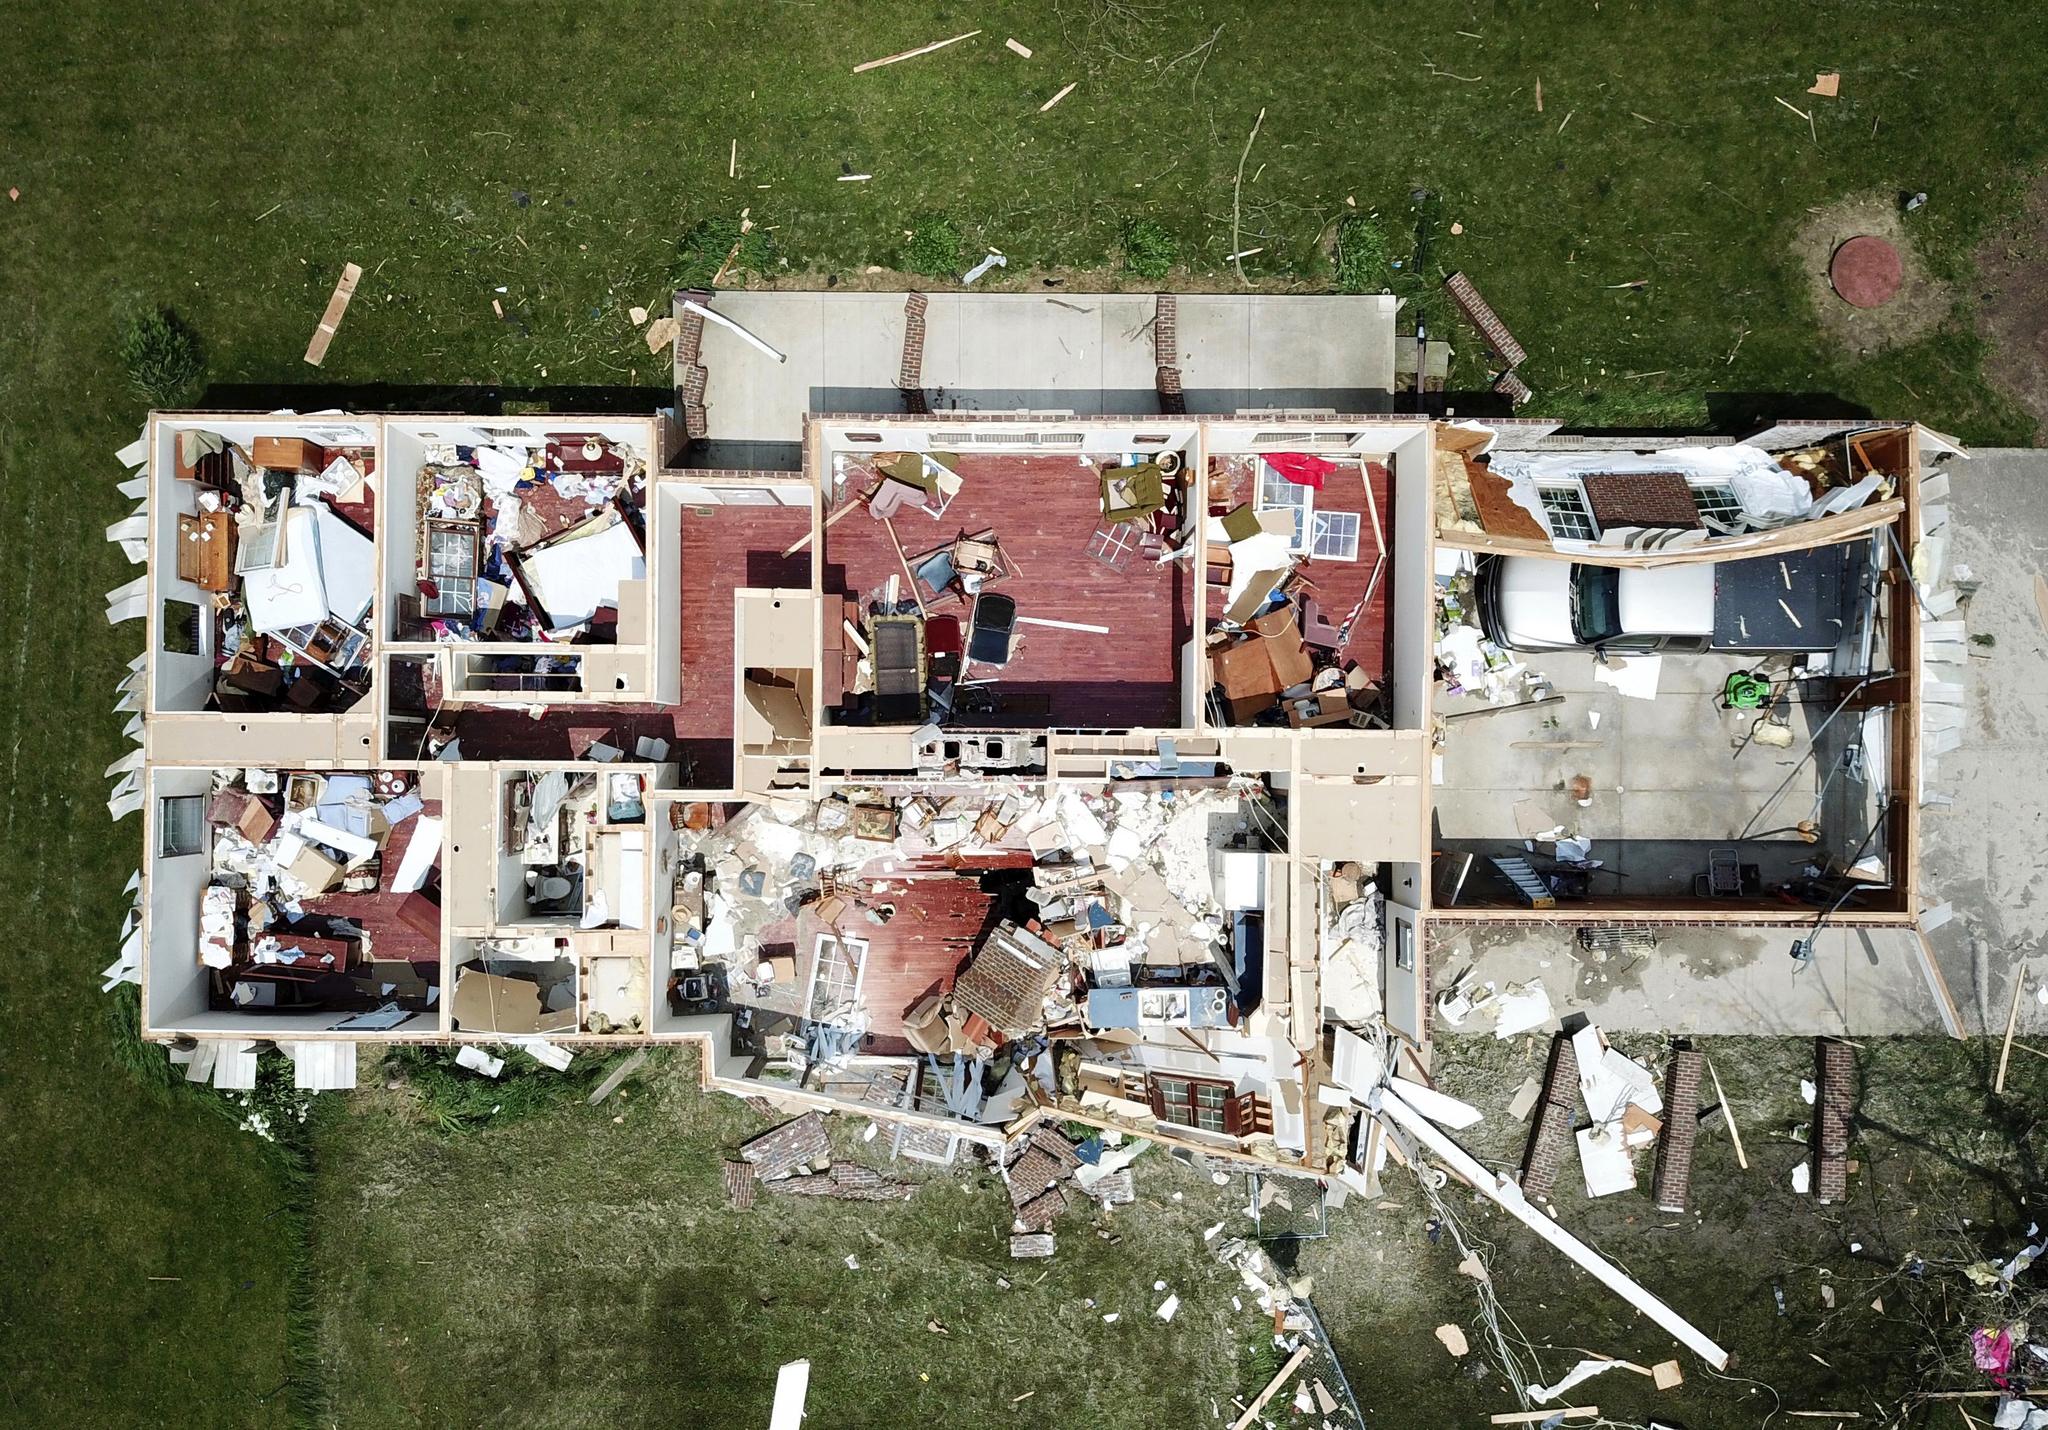 28일(현지시간) 미 오하이오주 셀리나 지역의 한 주택이 토네이도가 지나간 뒤 지붕이 날가가 처참한 모습을 하고 있다. [AP=연합뉴스]